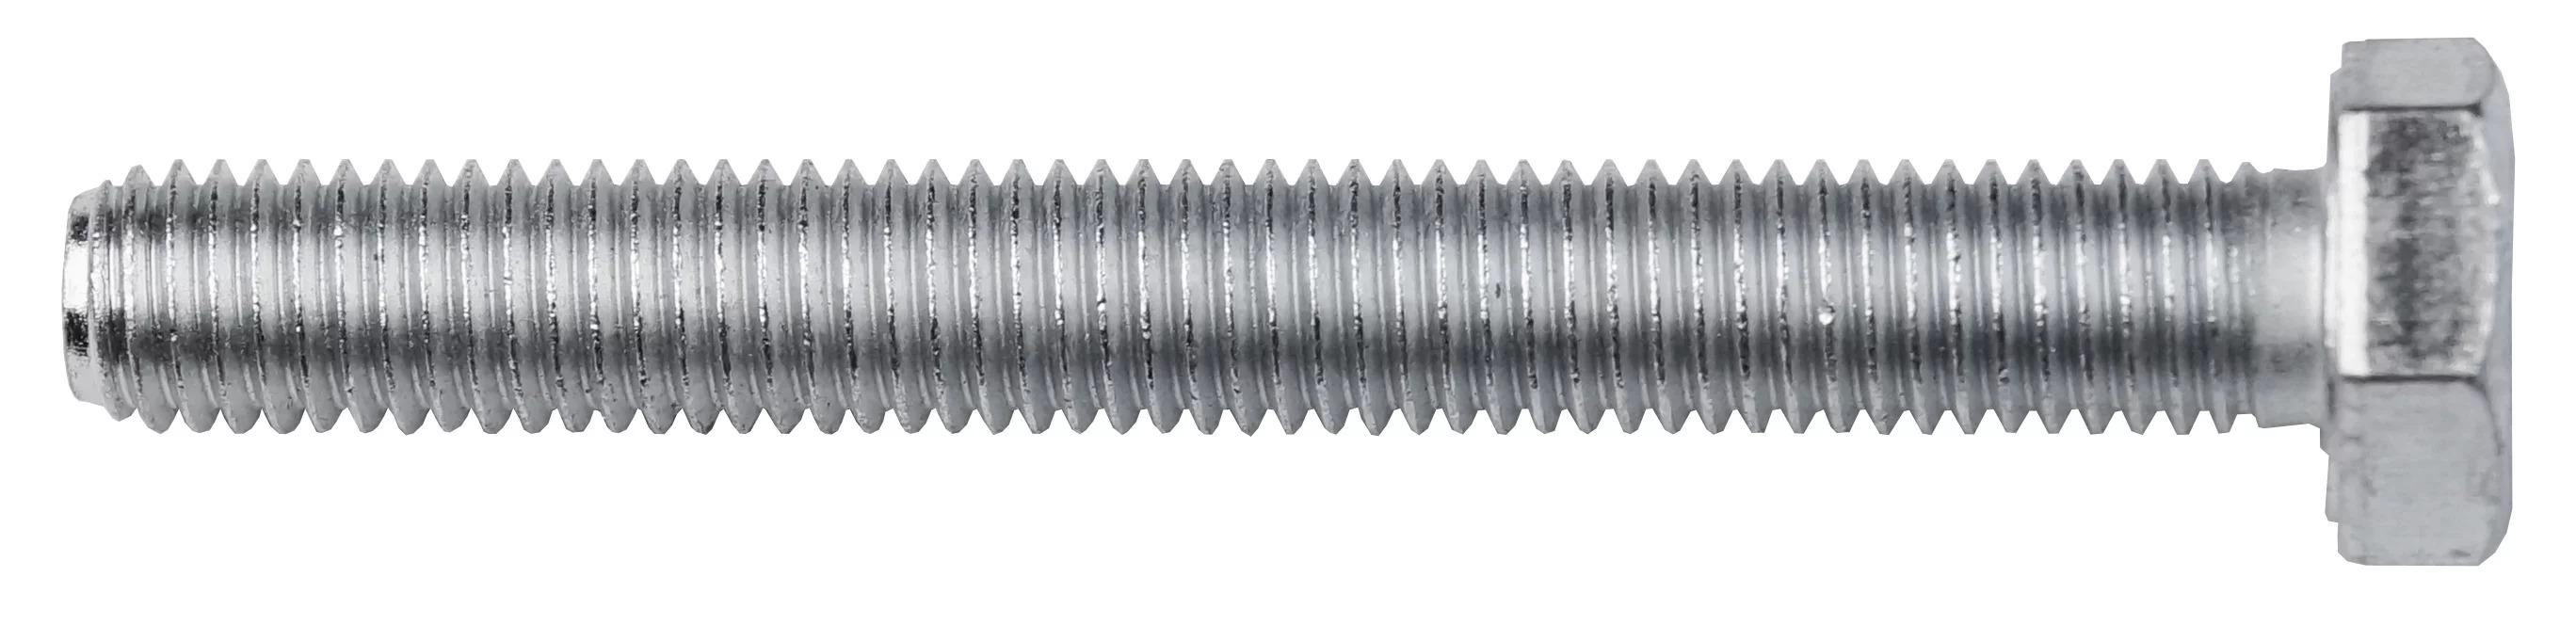 Купить Болт DIN 933, М10х200 мм — Фото №1